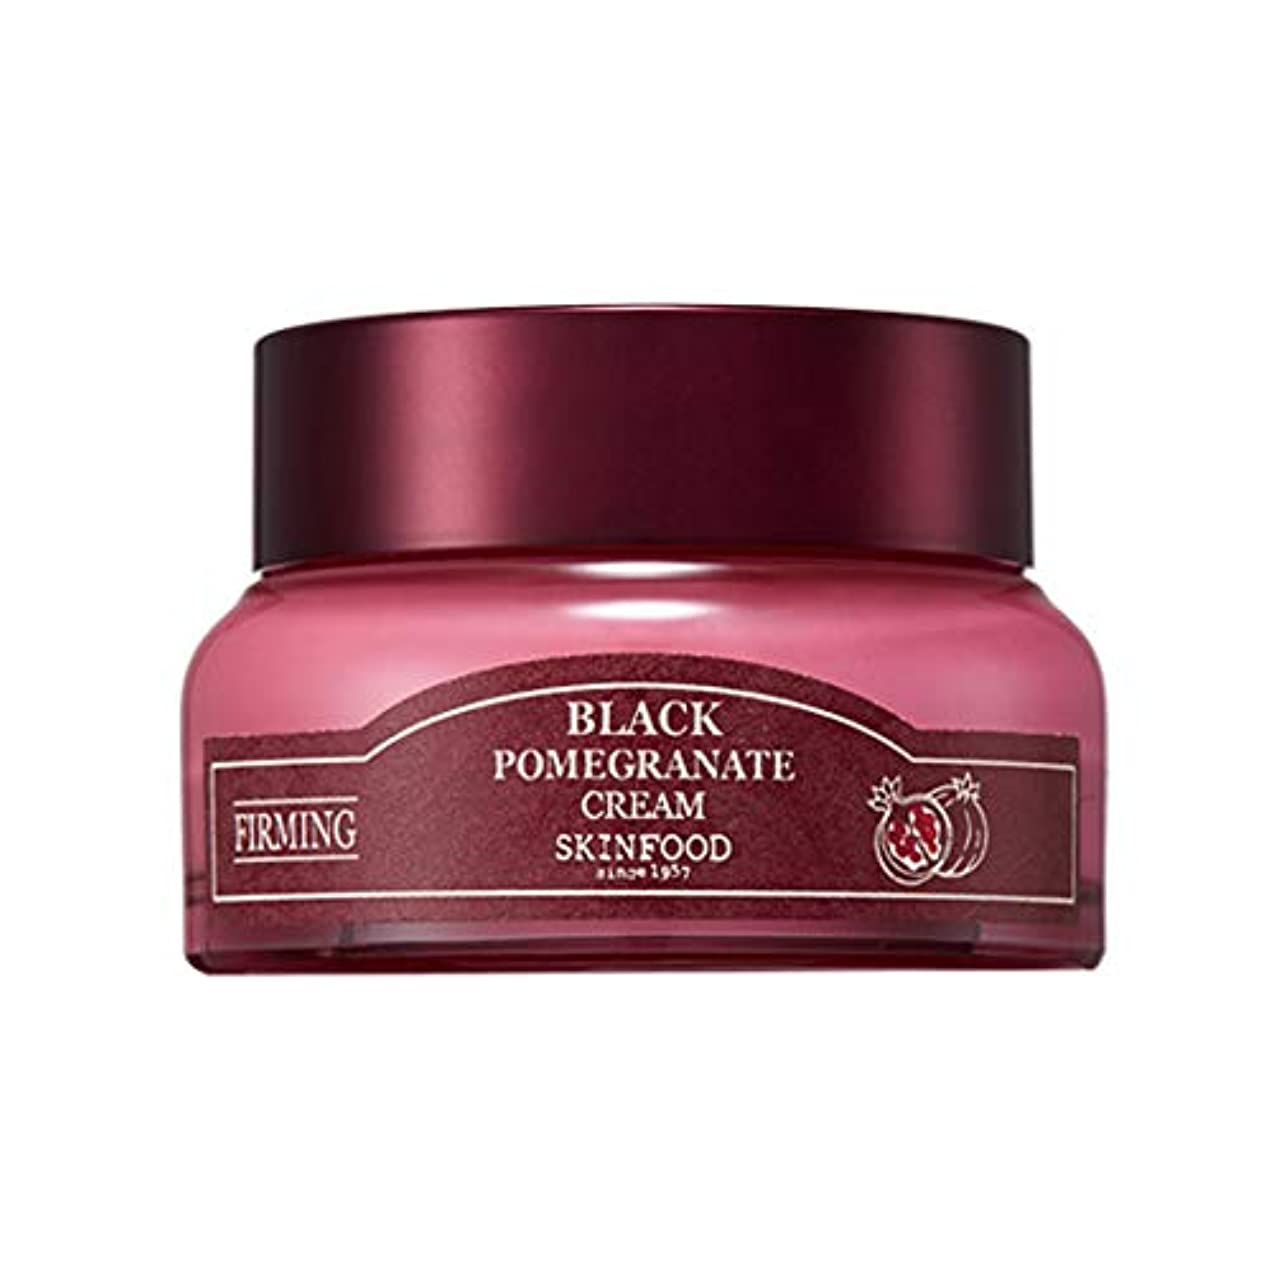 保護する羨望中国Skinfood 黒ザクロクリーム(しわ防止効果) / Black Pomegranate Cream (Anti-Wrinkle Effect) 54ml [並行輸入品]